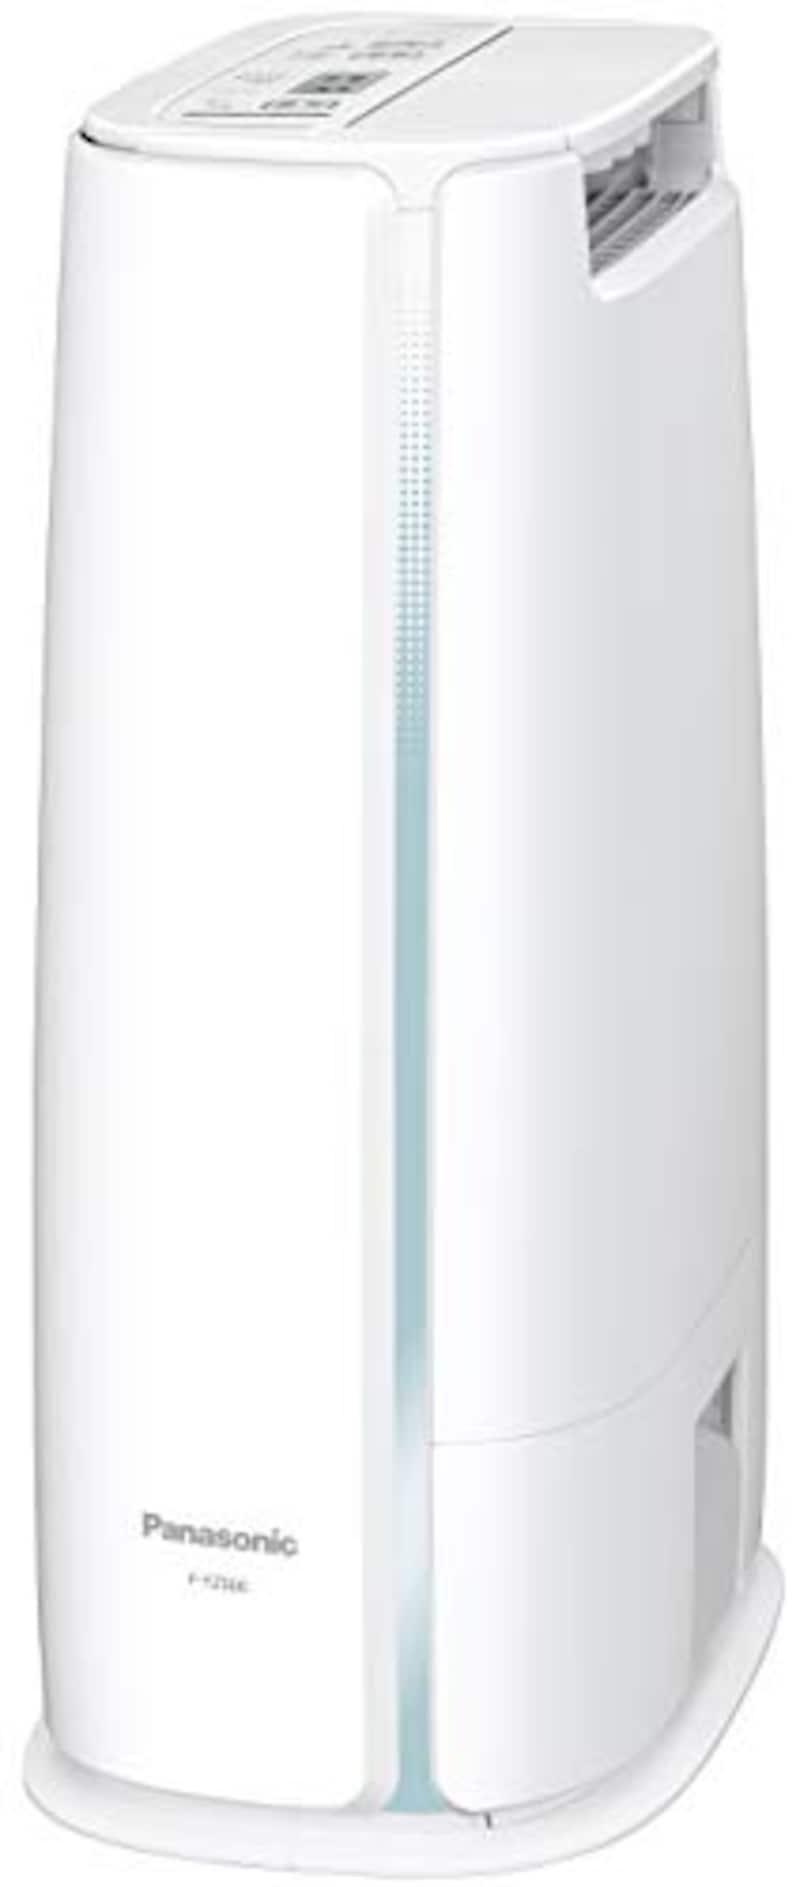 パナソニック(Panasonic) ,衣類乾燥除湿機,F-YZS60-A